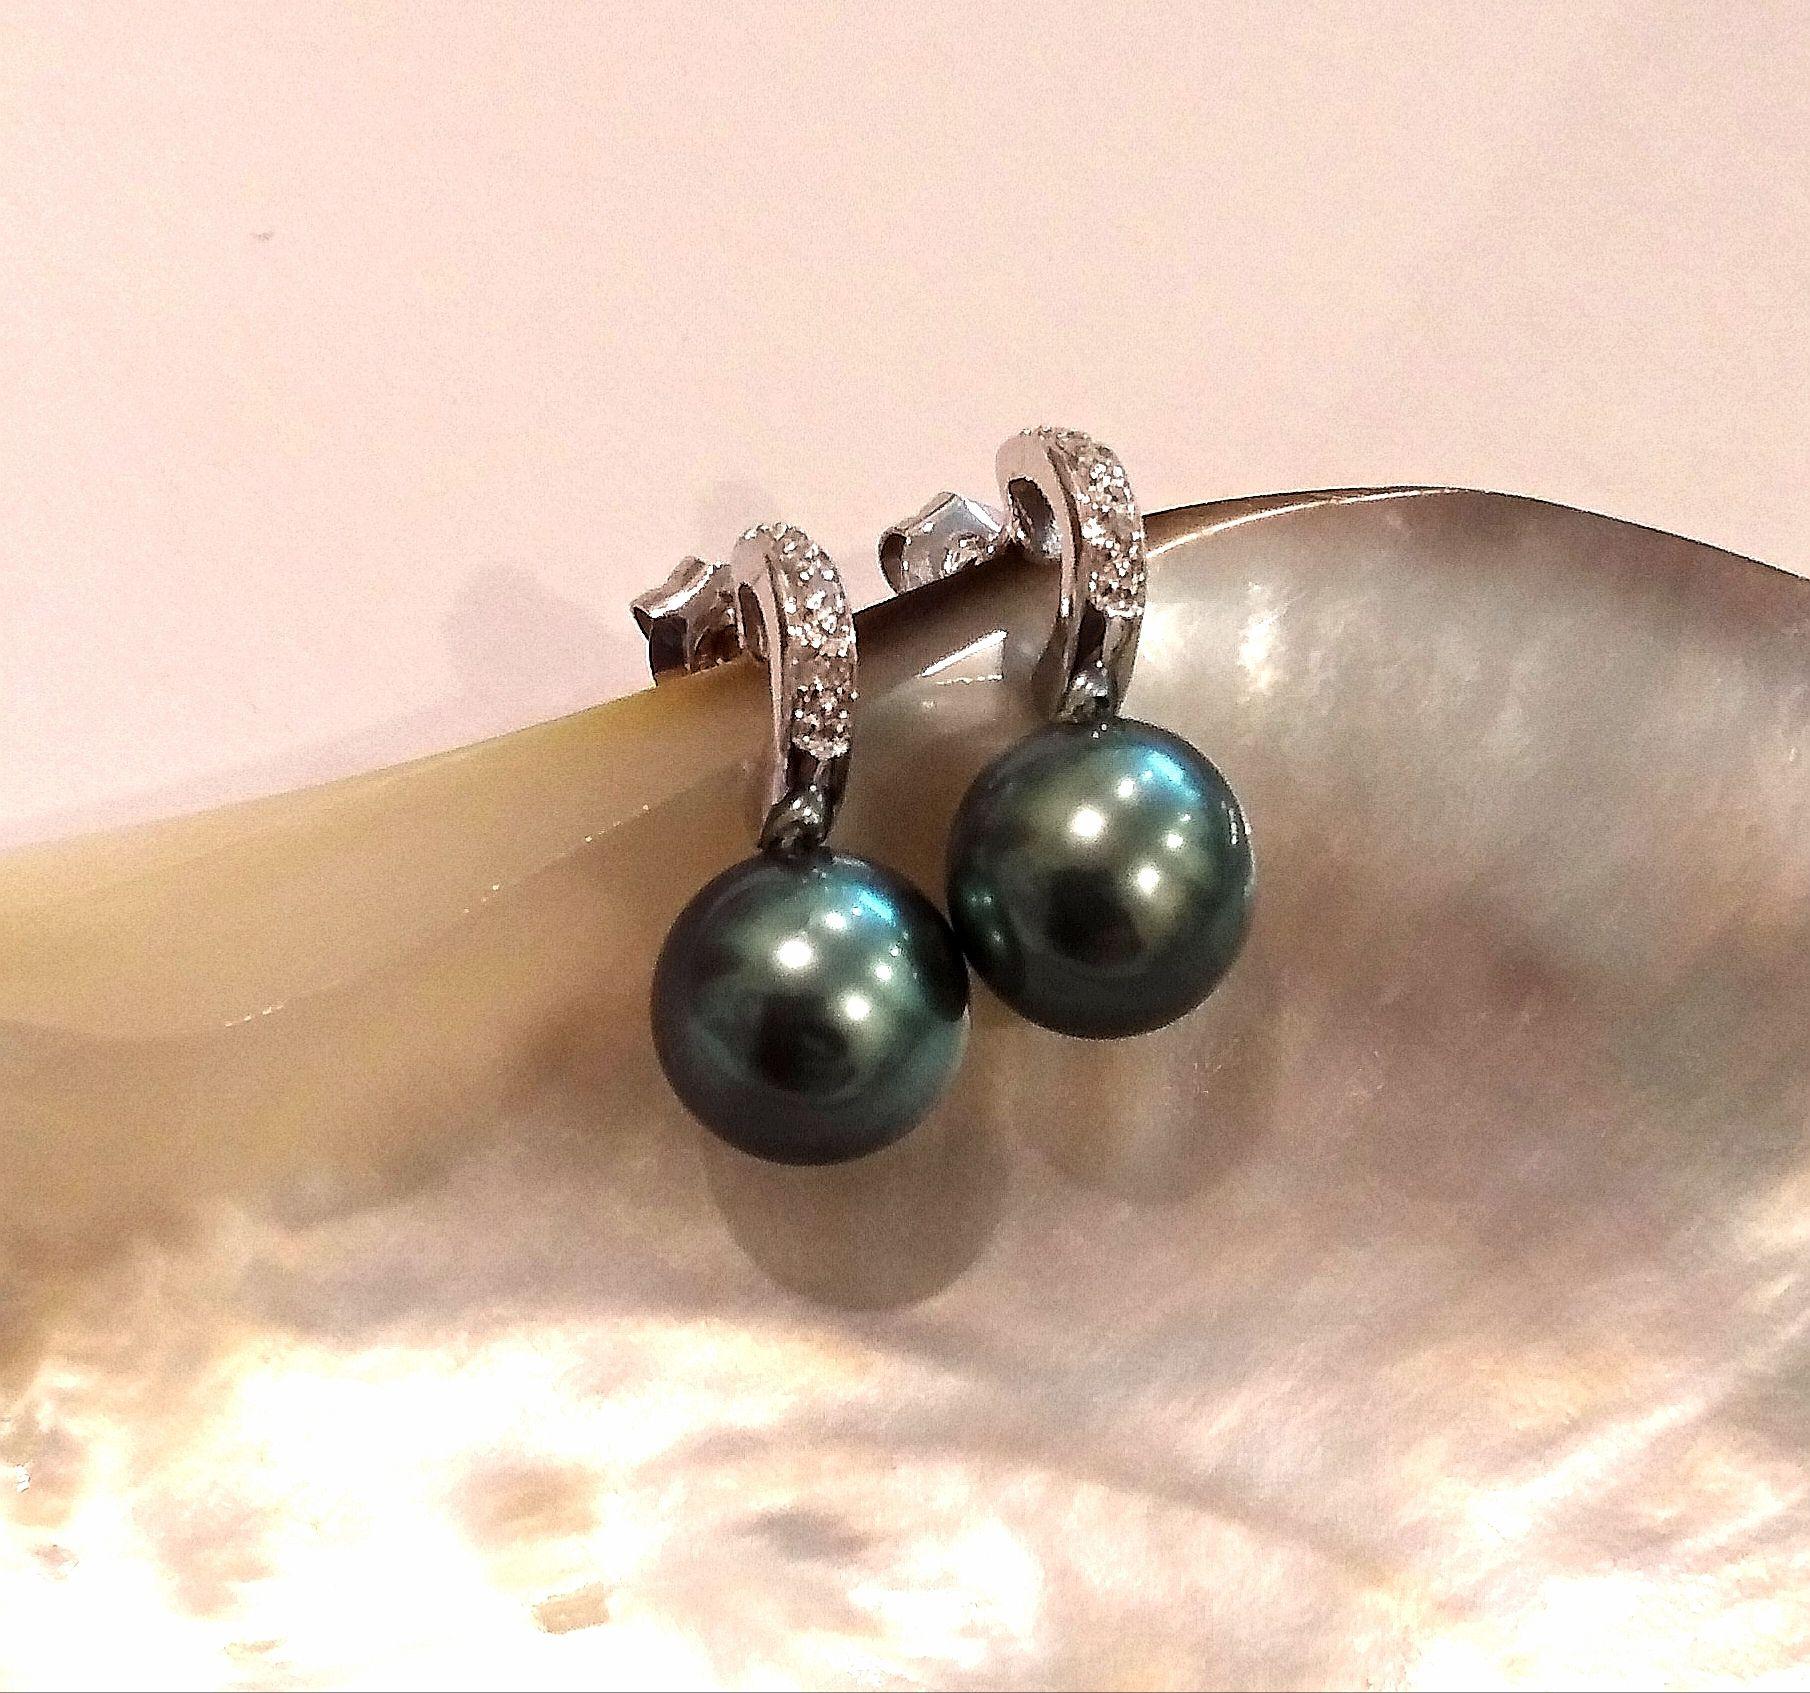 magasin officiel obtenir de nouveaux Baskets 2018 Boucles d'oreilles Orava or blanc 18K diamants perles de ...